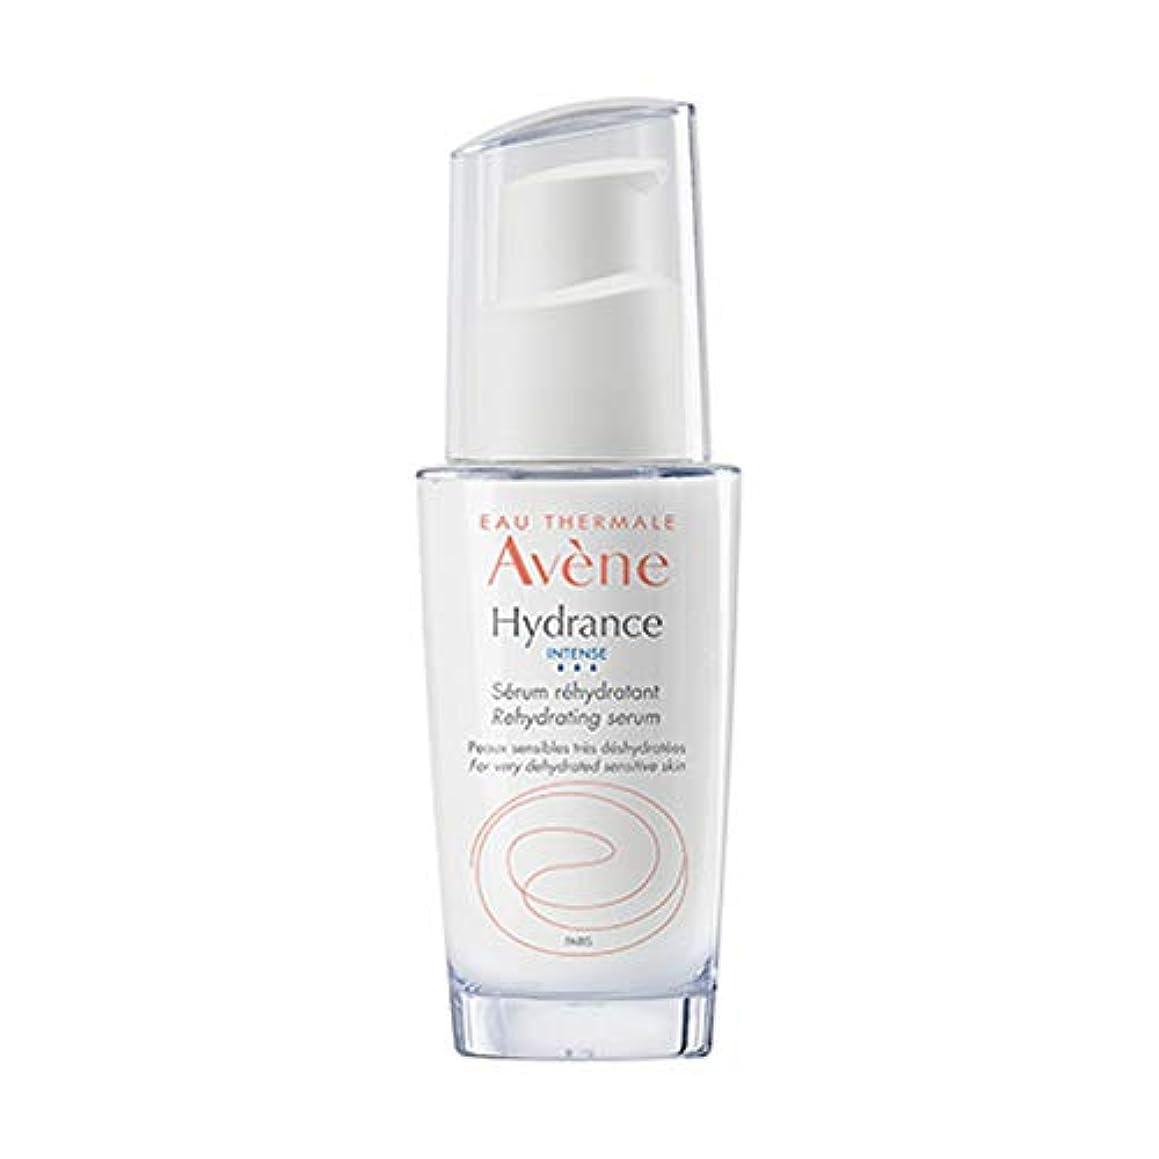 町知覚する小道アベンヌ Hydrance Intense Rehydrating Serum - For Very Dehydrated Sensitive Skin 30ml/1oz並行輸入品